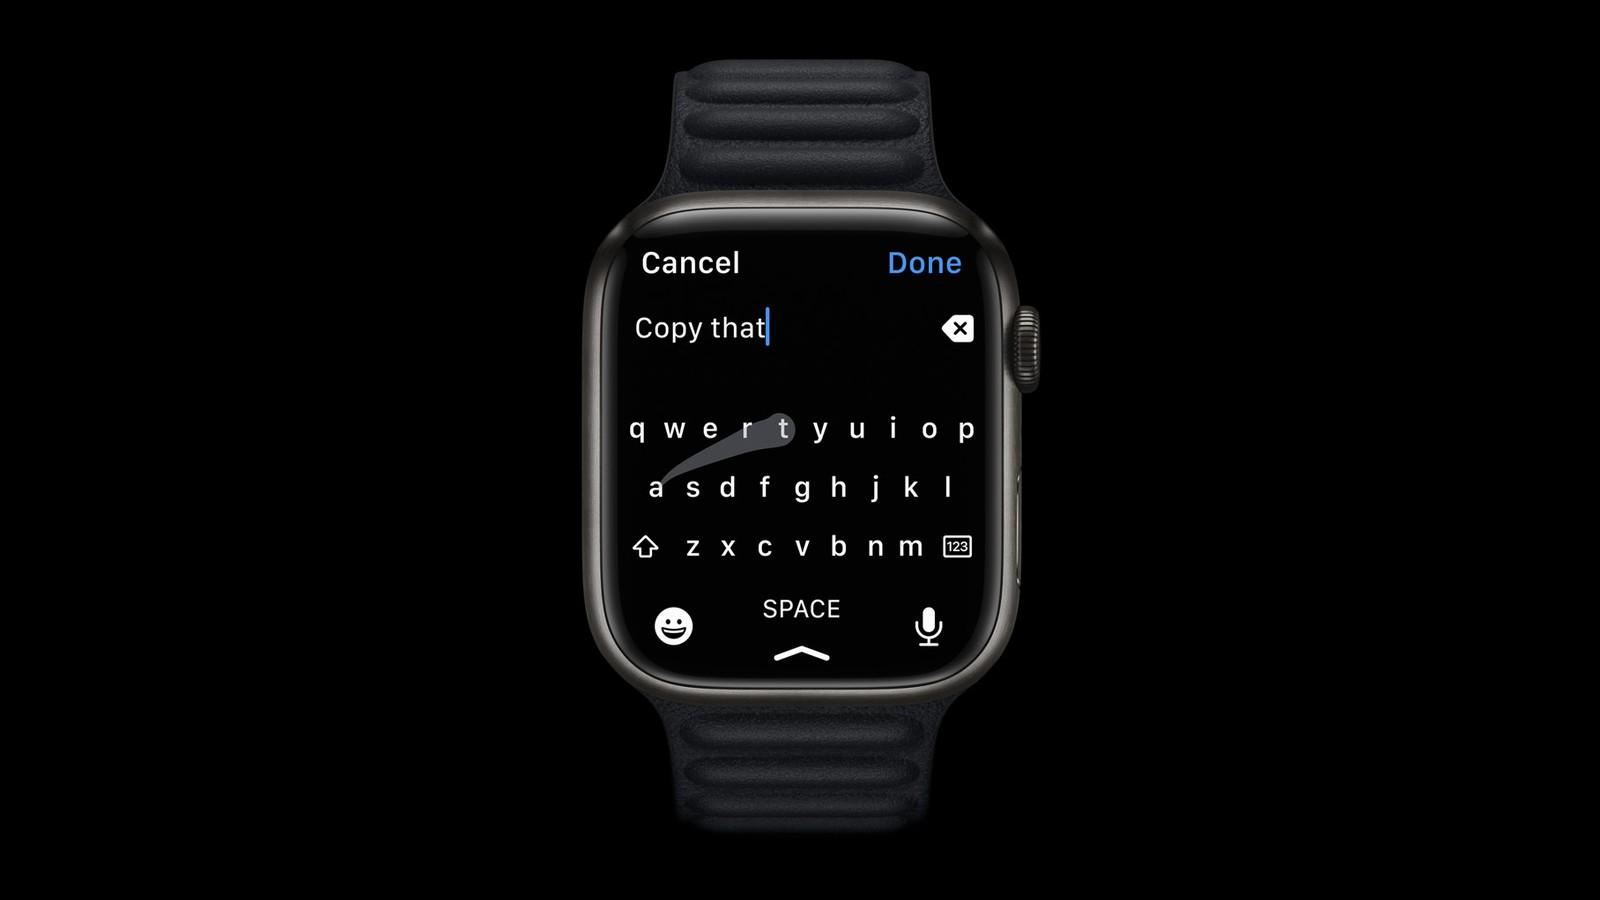 Większy ekran Apple Watch Series 7 umożliwia korzystanie z pełnej klawiatury ekranowej ciekawostki Apple Watch Series 7  Dzięki większemu wyświetlaczowi użytkownicy Apple Watch Series 7 mogą teraz korzystać z pełnej klawiatury bezpośrednio na nadgarstku. Apple Watch Series 7 Keyboard